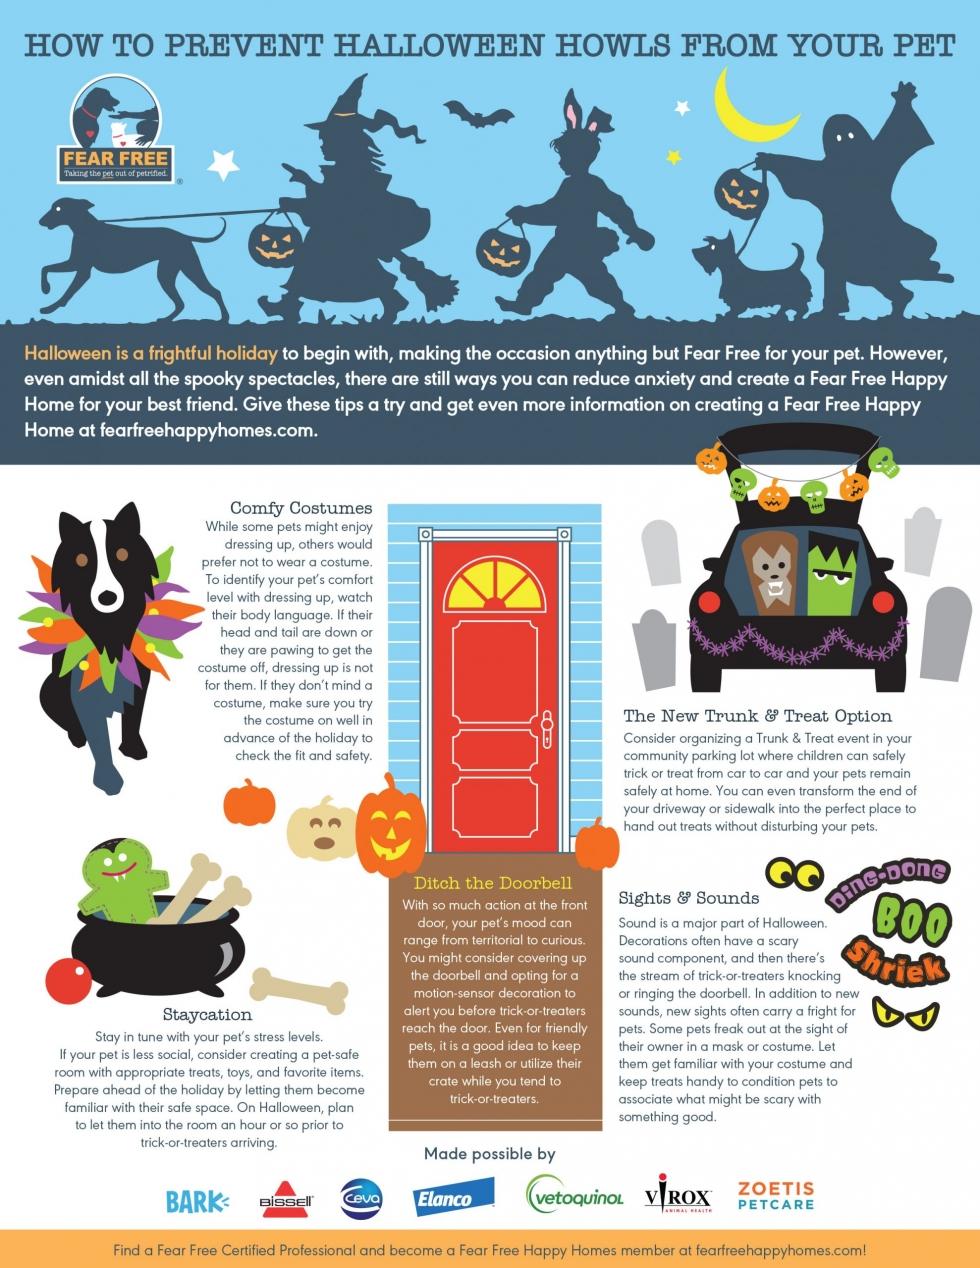 Fear-Free Hallowe'en!